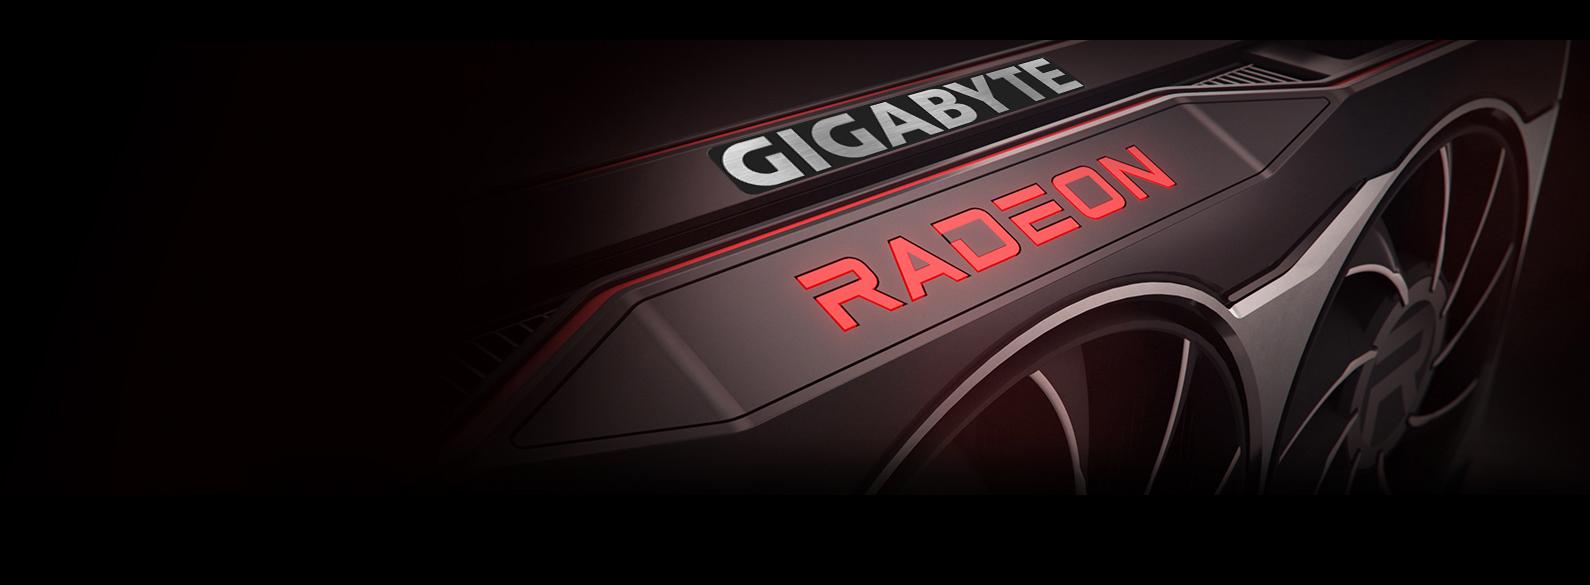 GIGABYTE Video Card-GV-R68GAMING OC-16GD